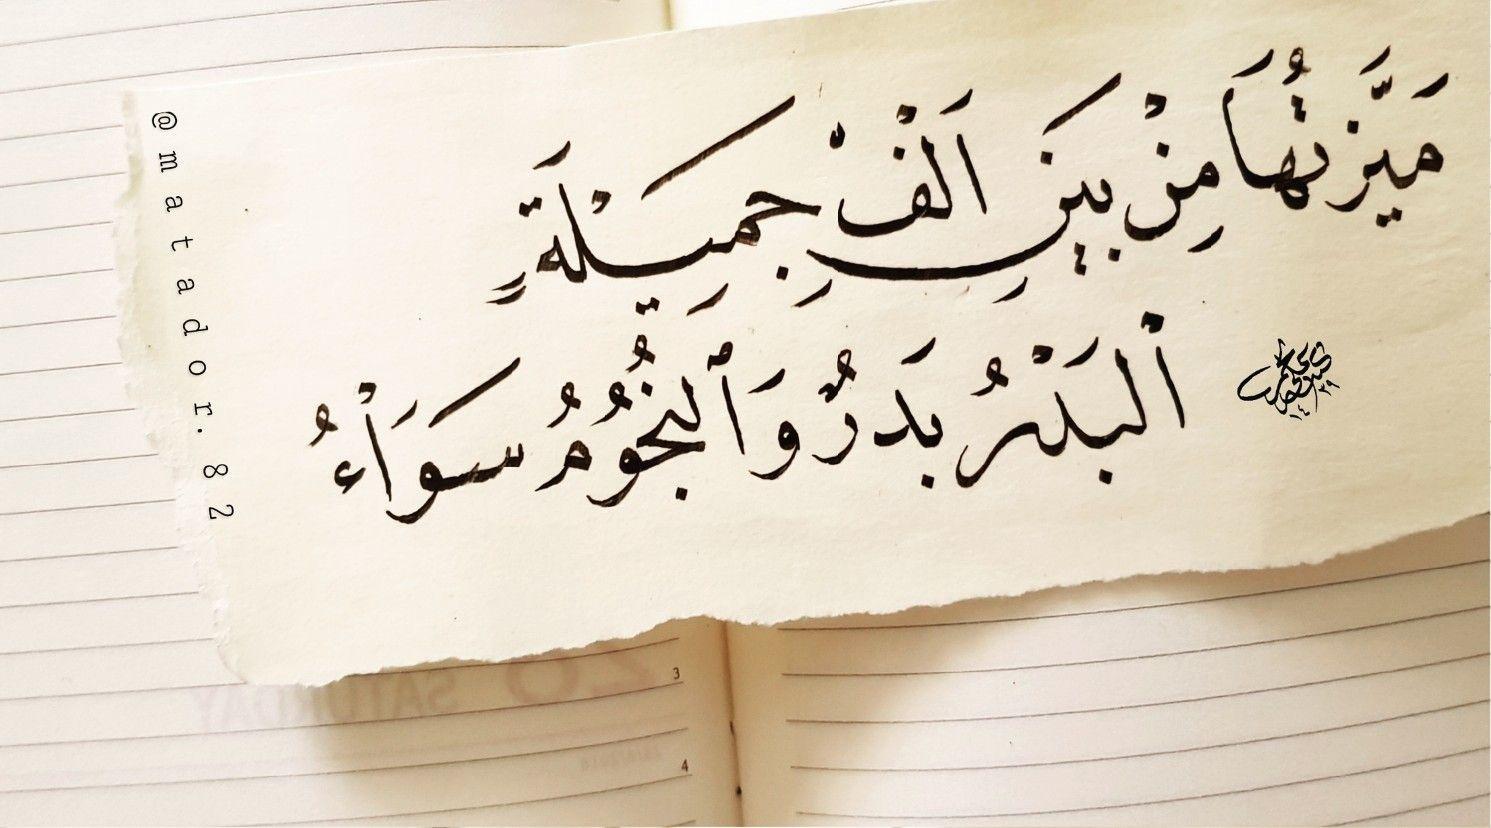 ميزتها من بين ألف جميلة خواطر العراق خط عربي خطي Sweet Quotes Writing Art Beautiful Words